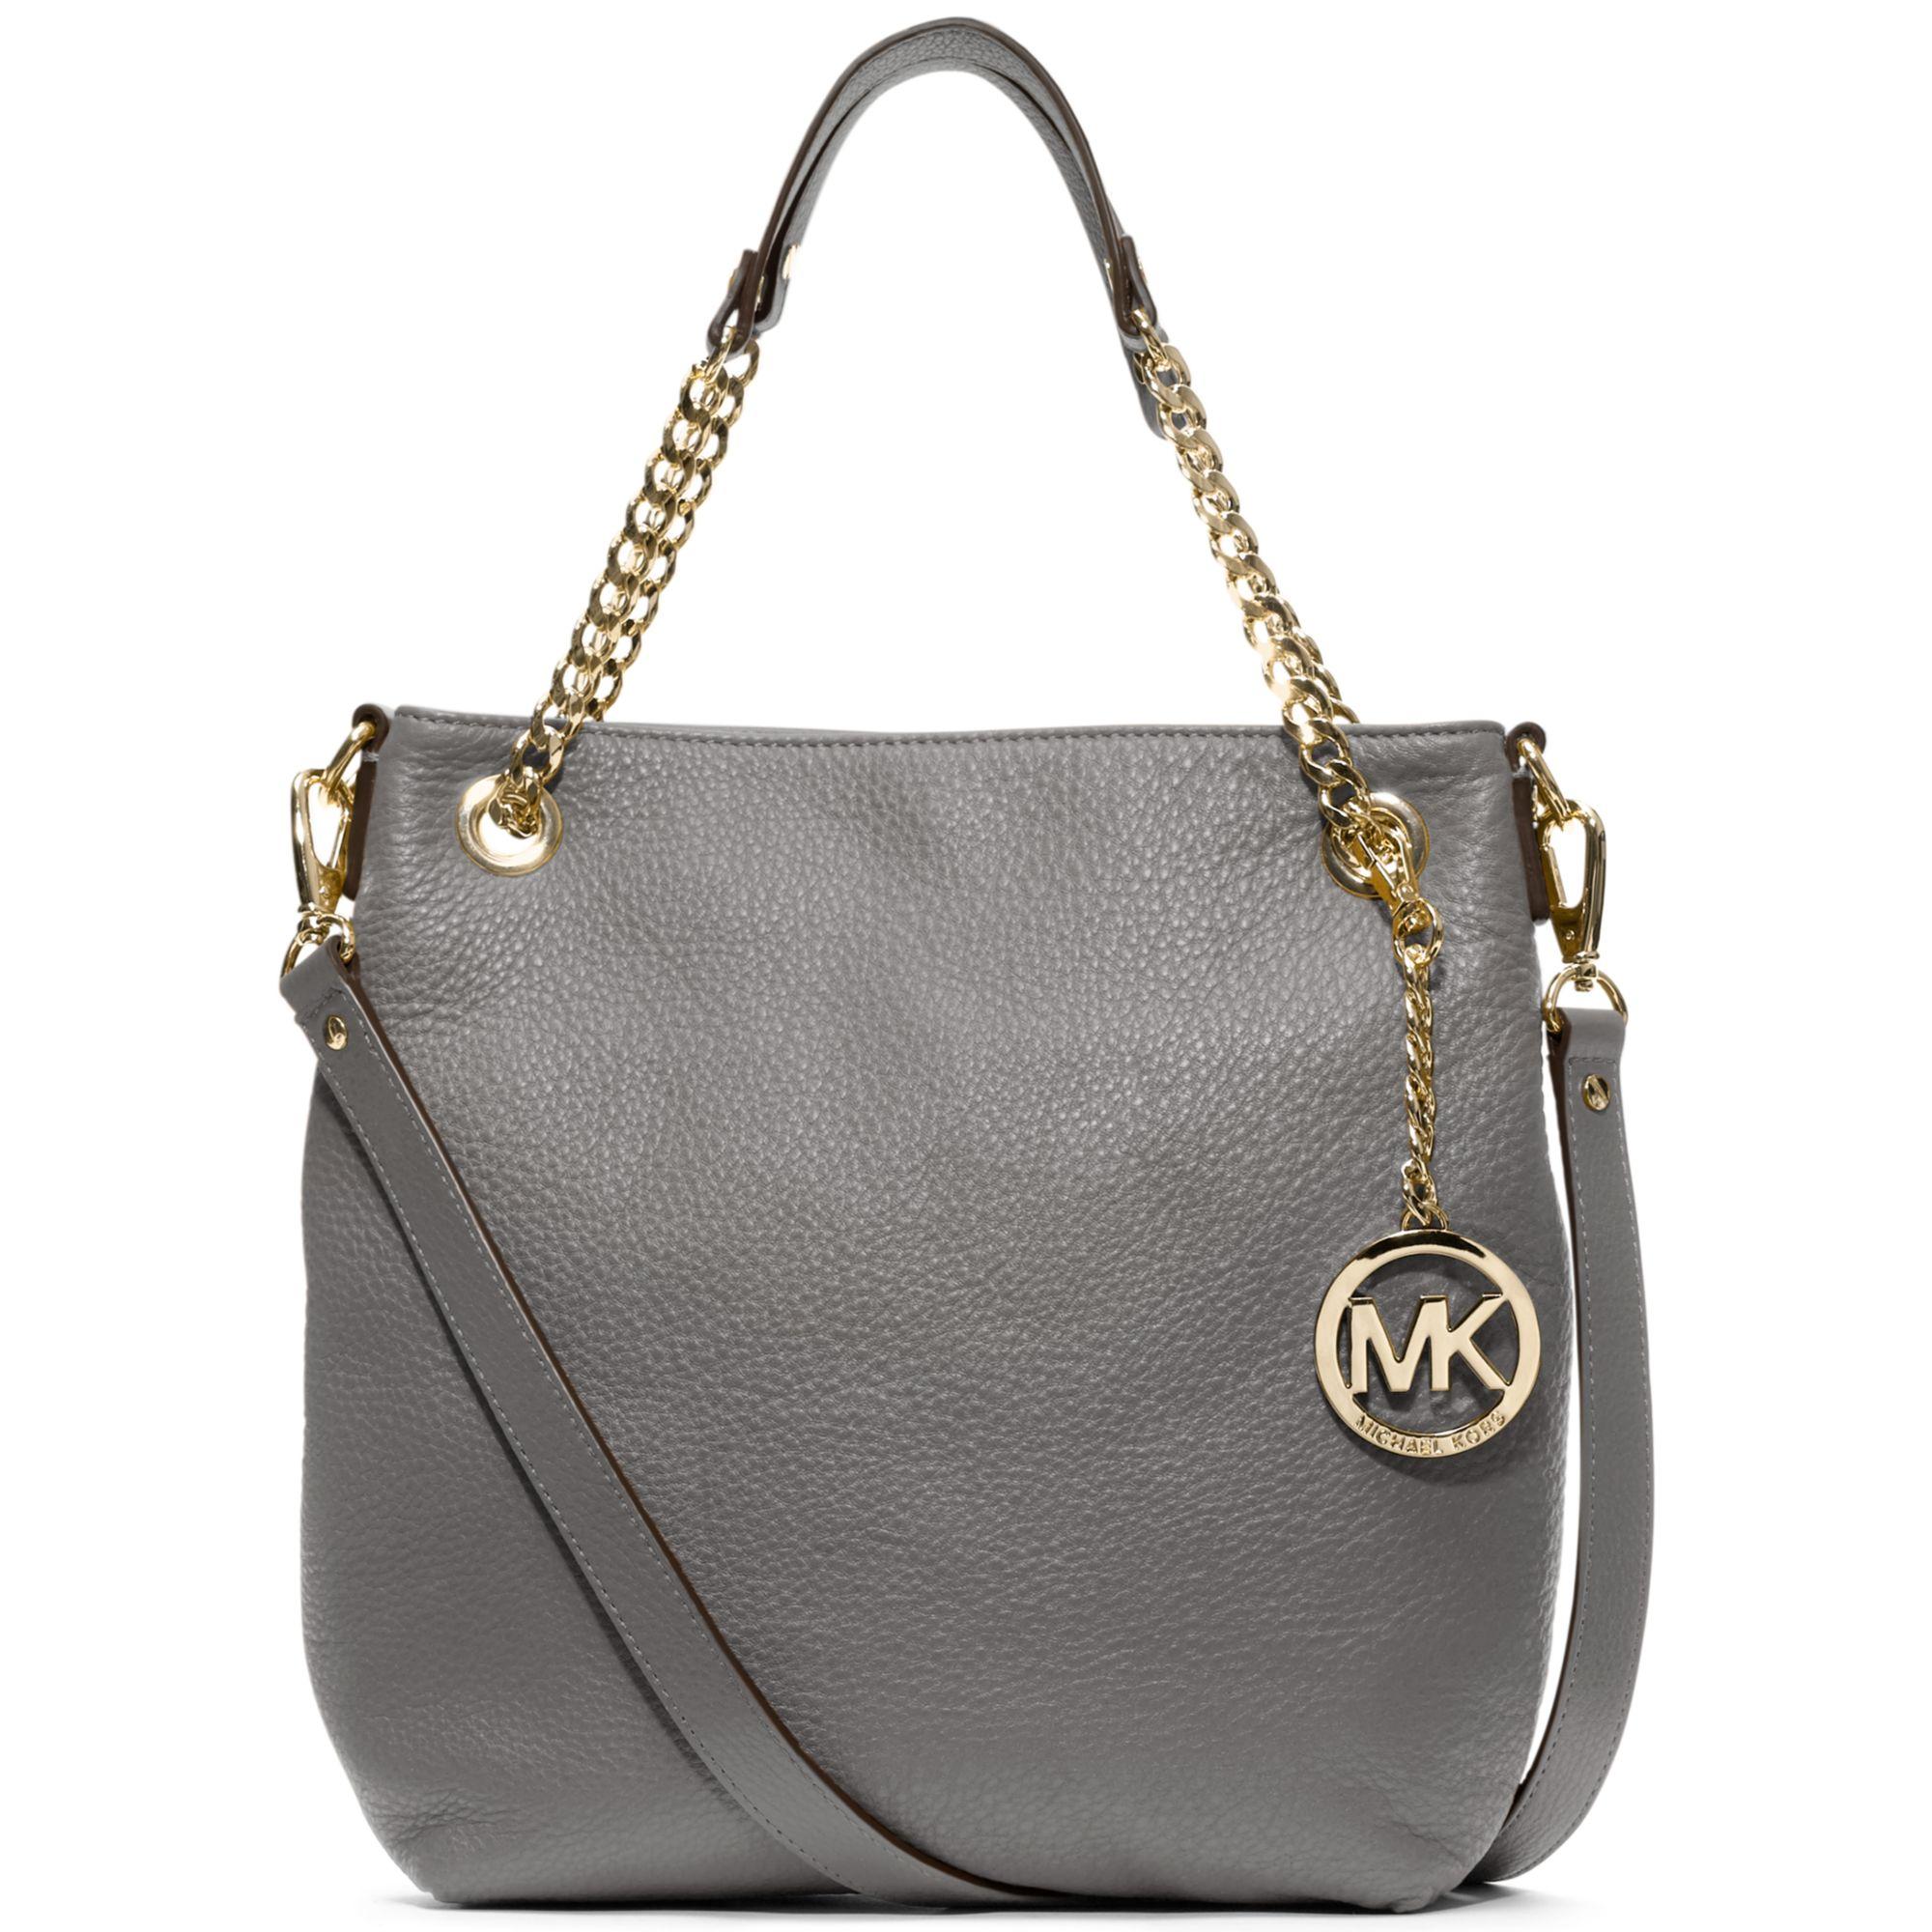 73d1e74e24dc Macys Michael Kors Handbags And Wallets - Style Guru  Fashion